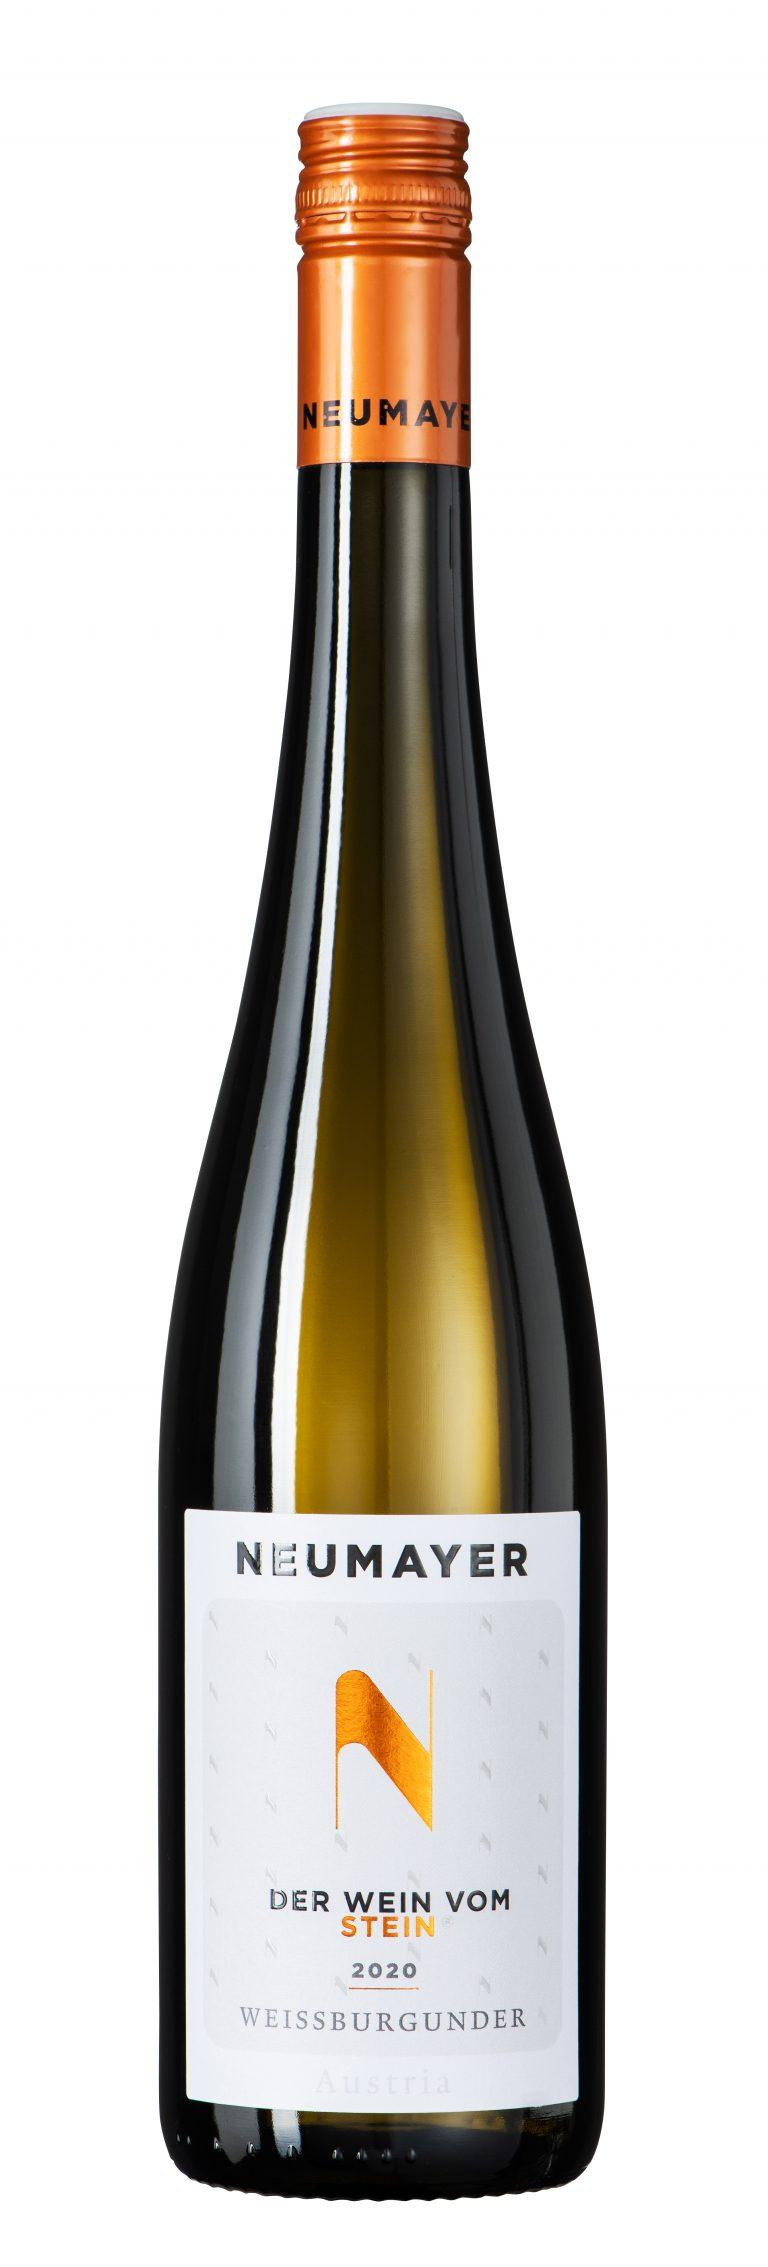 Weissburgunder Der Wein vom Stein